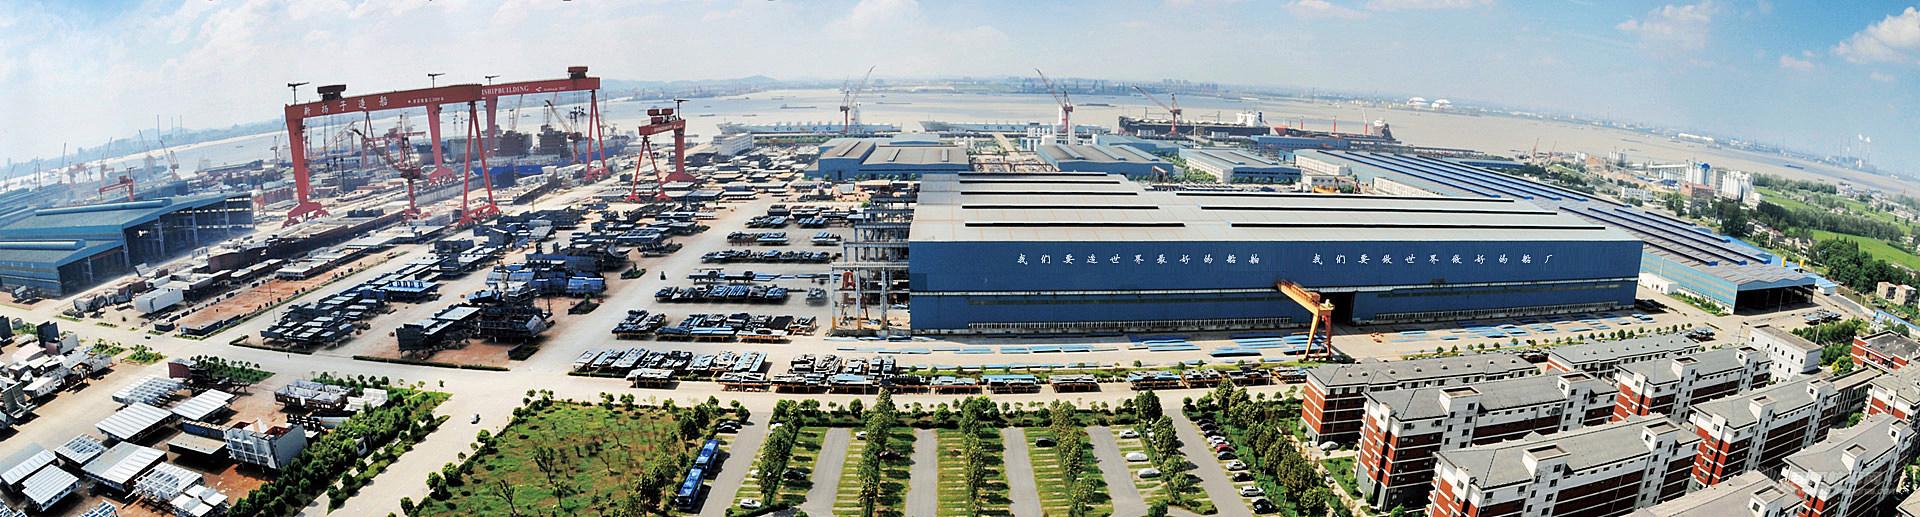 中国仍在全球造船市场占主导地位